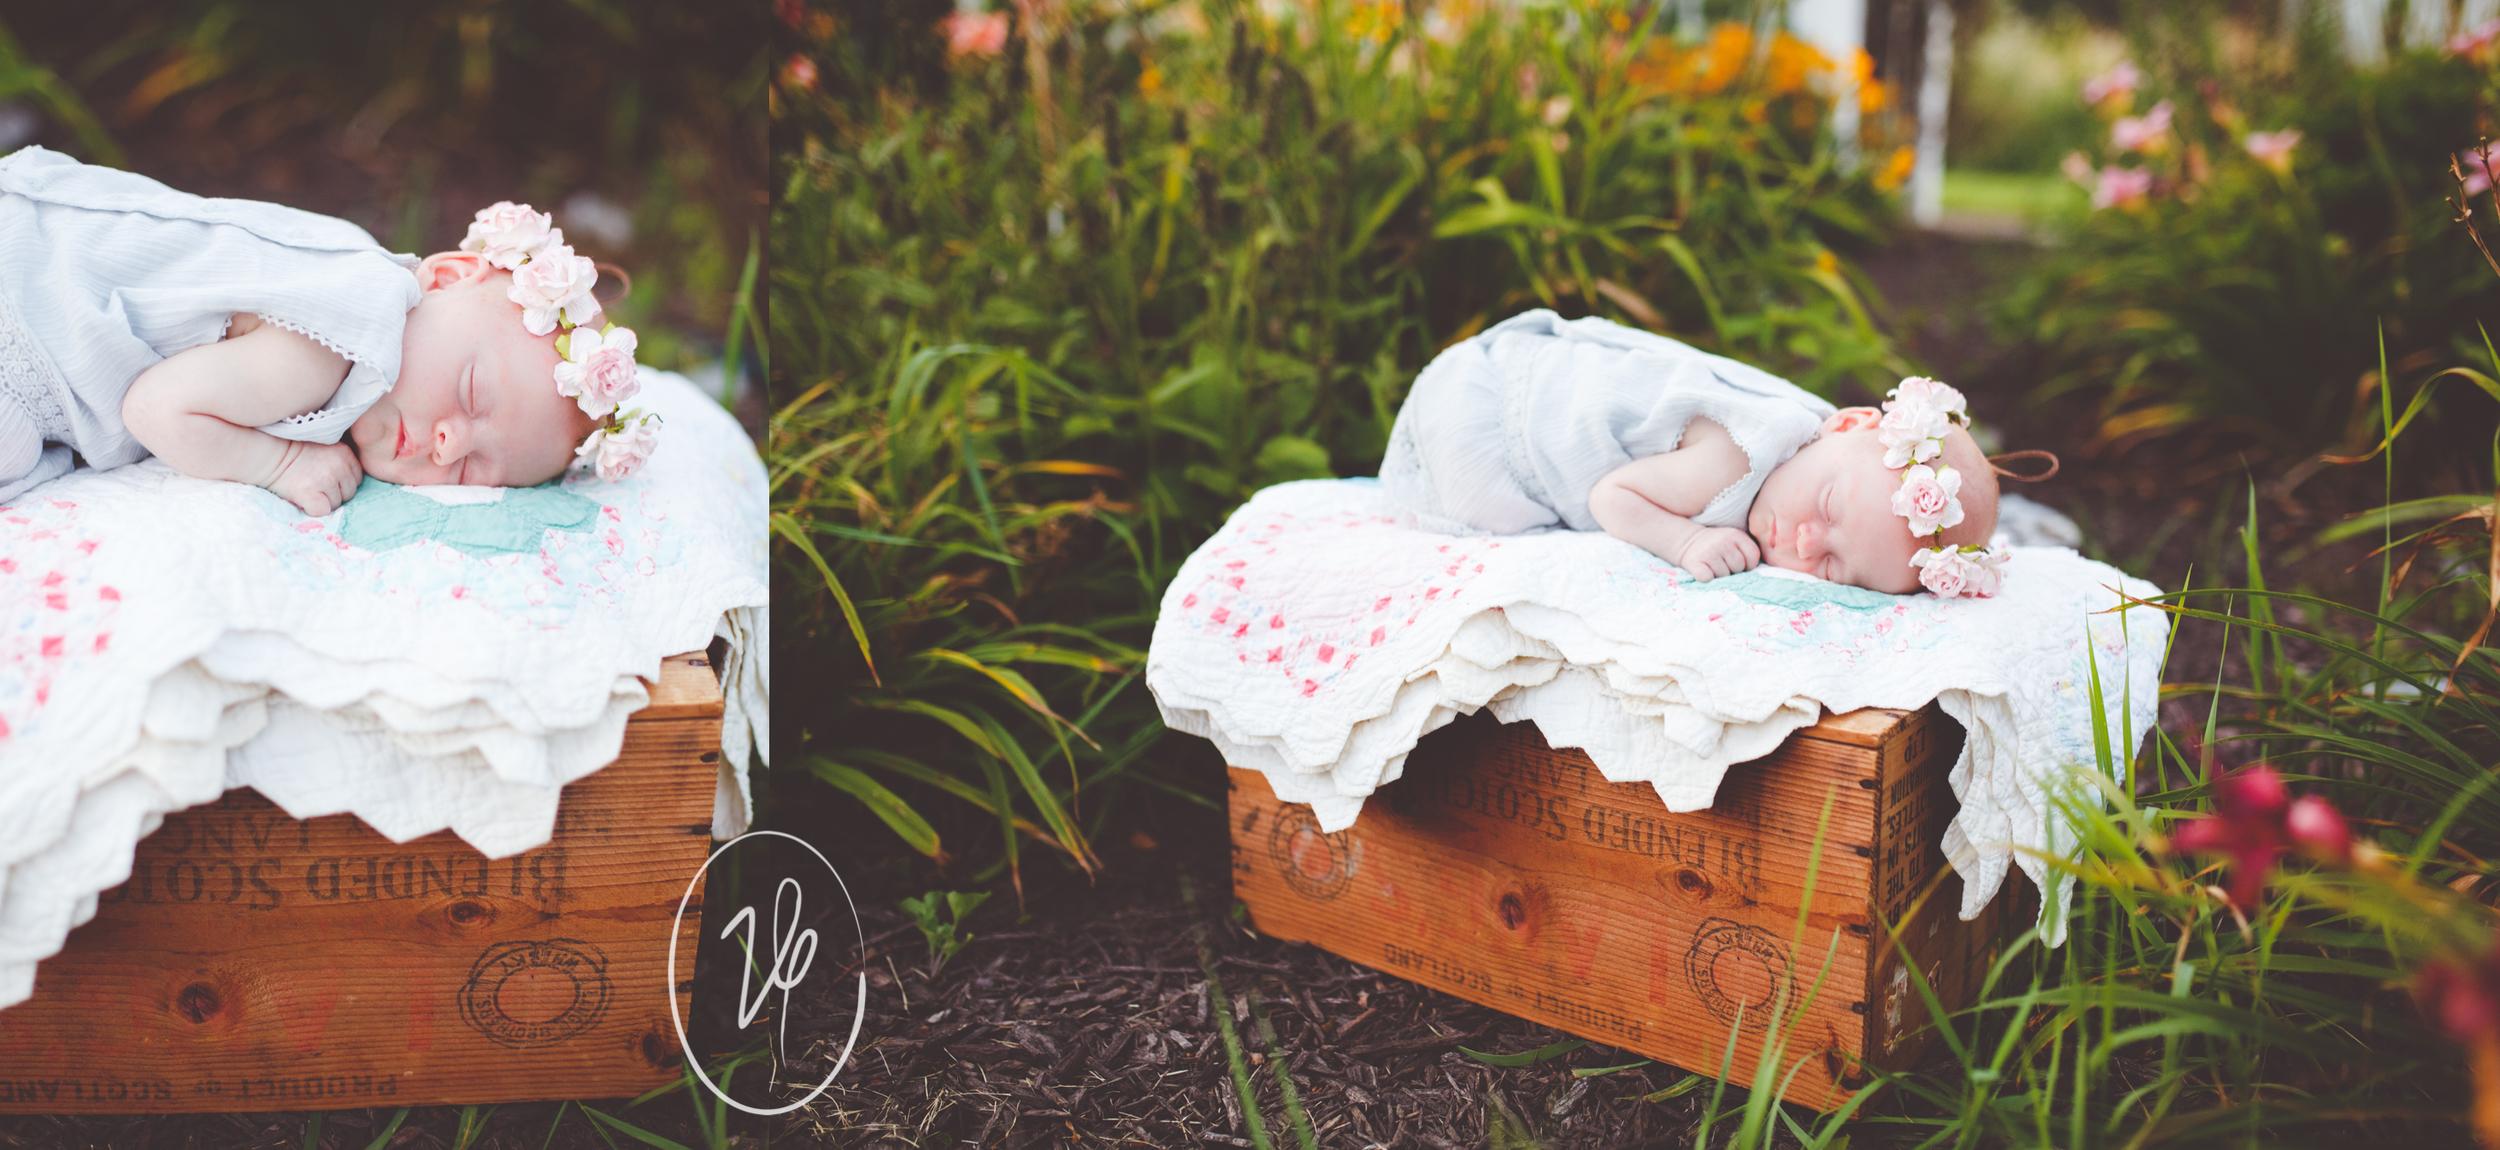 Newborn Photography | Viridian Ivy Images | Northwest Ohio Wedding and Portrait Photographer